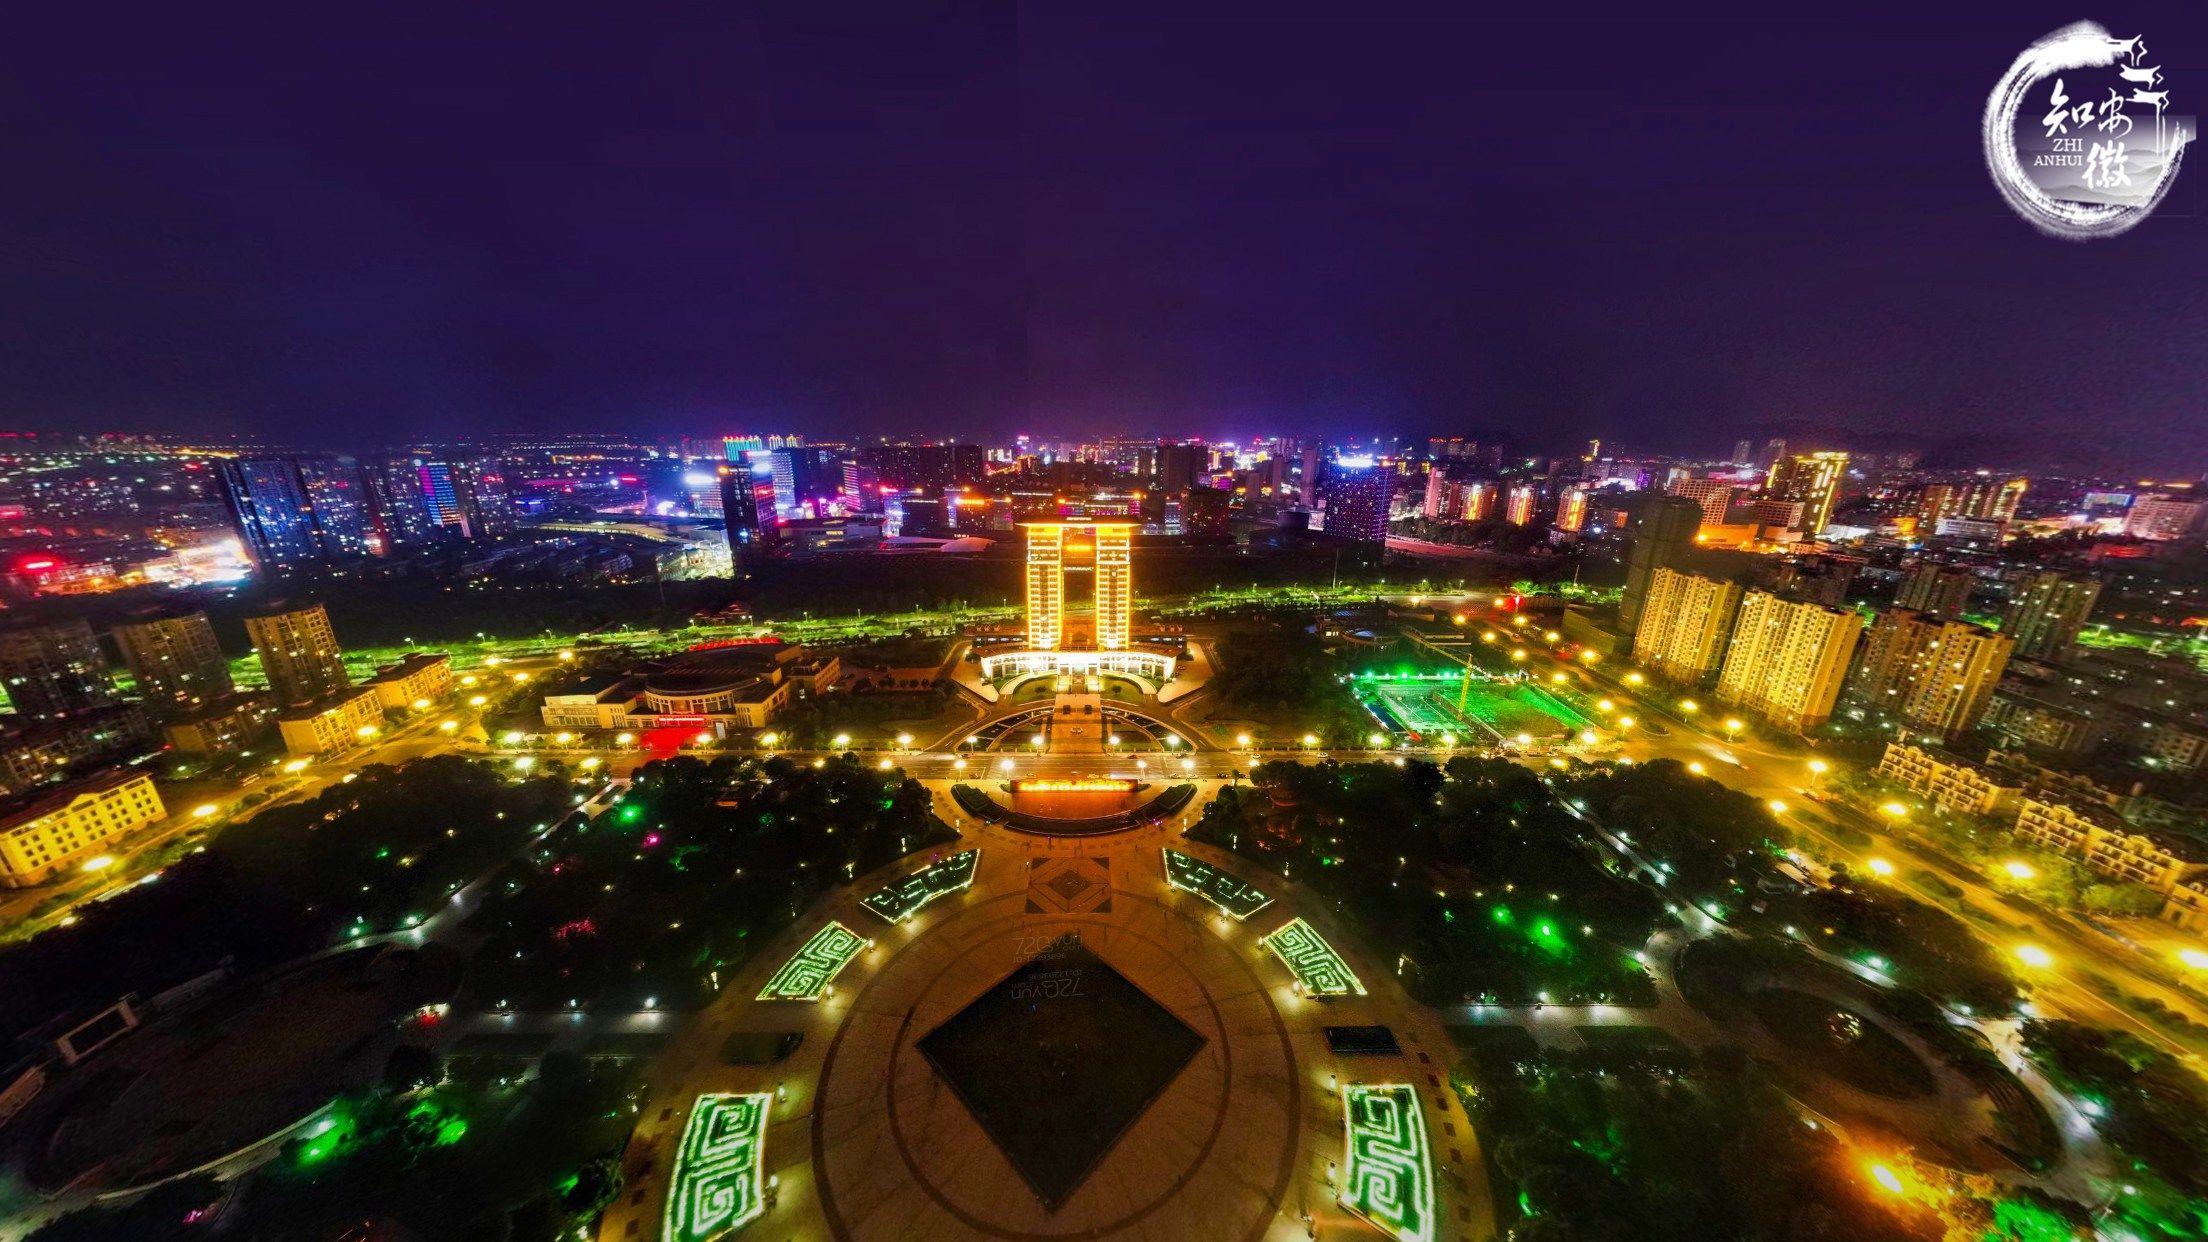 铜陵夜景(凤凰网安徽特约摄影师 陈磊/摄)